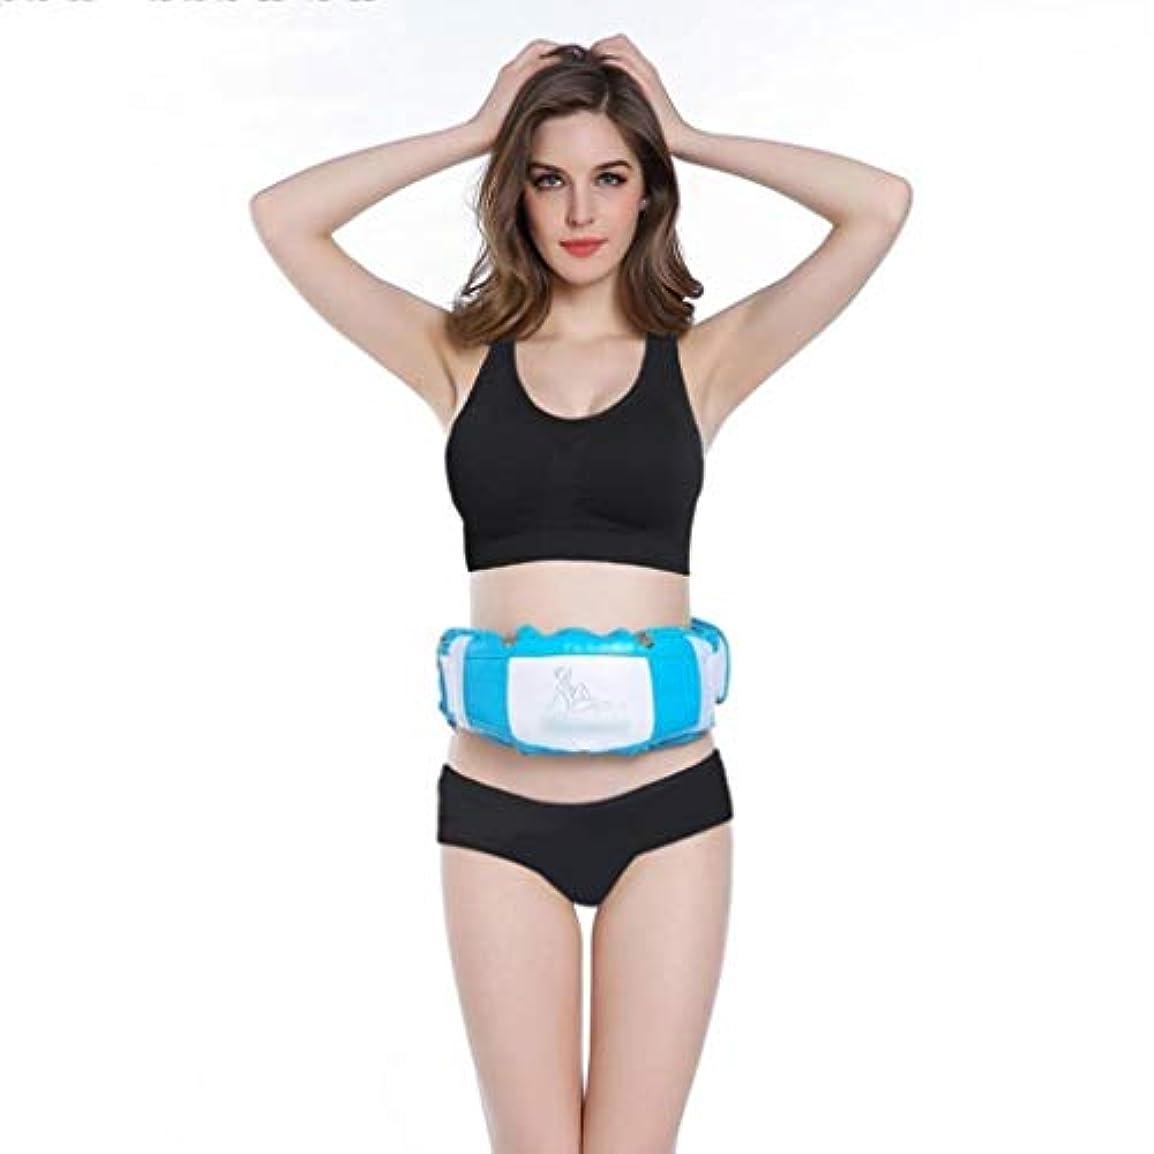 独立してダウン外国人体形Slim身ベルト、Slim身マシン、スポーツSlim身機器、細いウエストと細い腹、調整可能なフィットネスウエスト振動ベルト、男性と女性の減量機